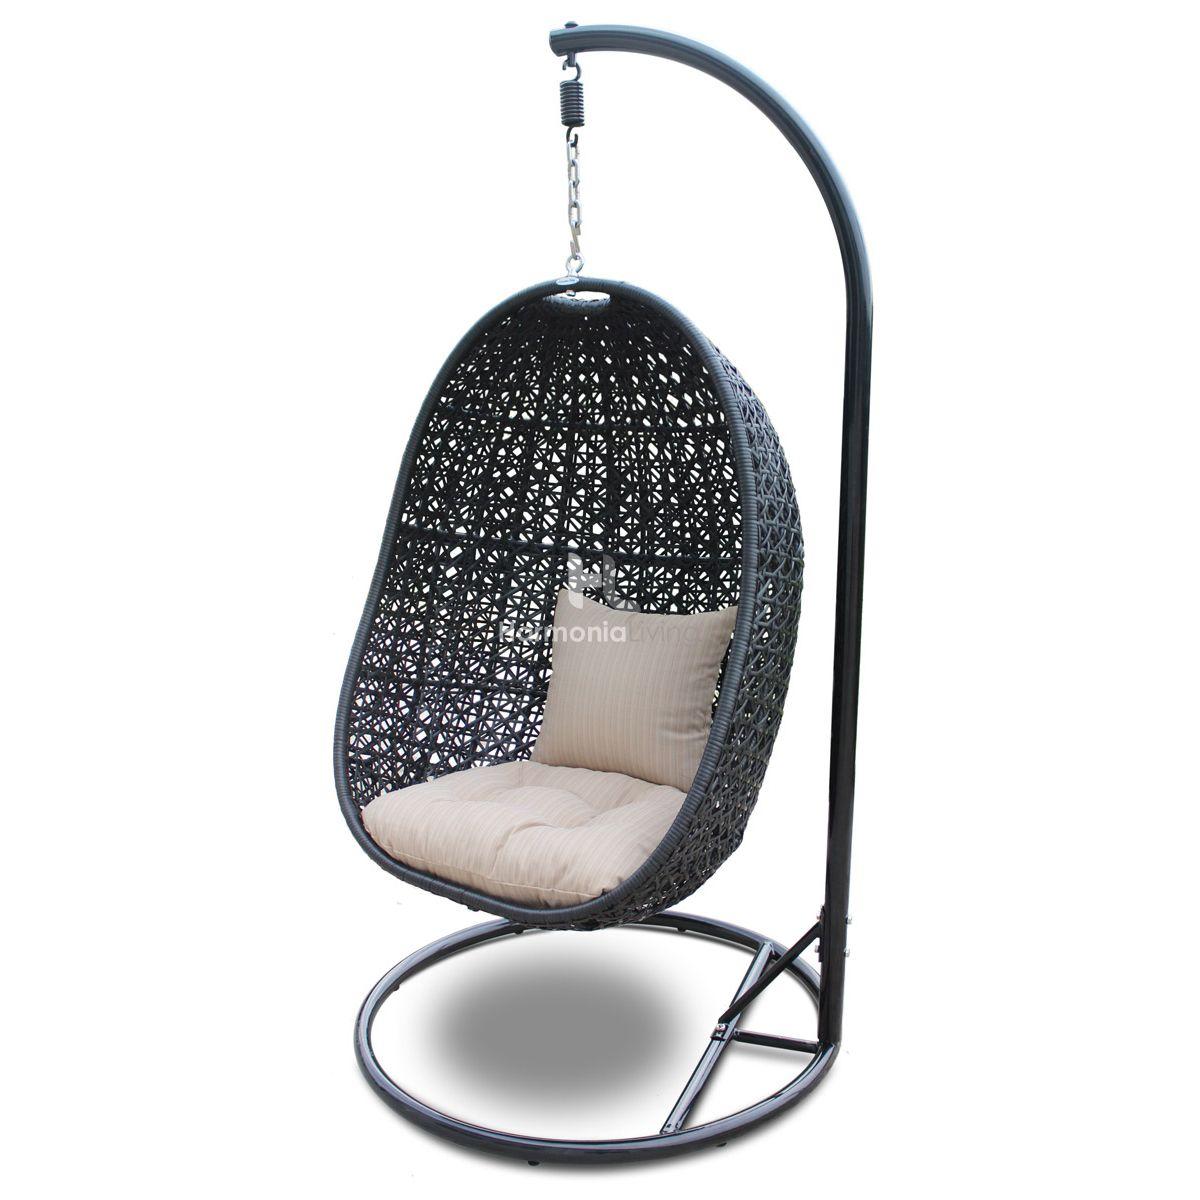 Nimbus Outdoor Hanging Chair Hl Nimbus Hangstoel Schommelstoel Tuinkamer